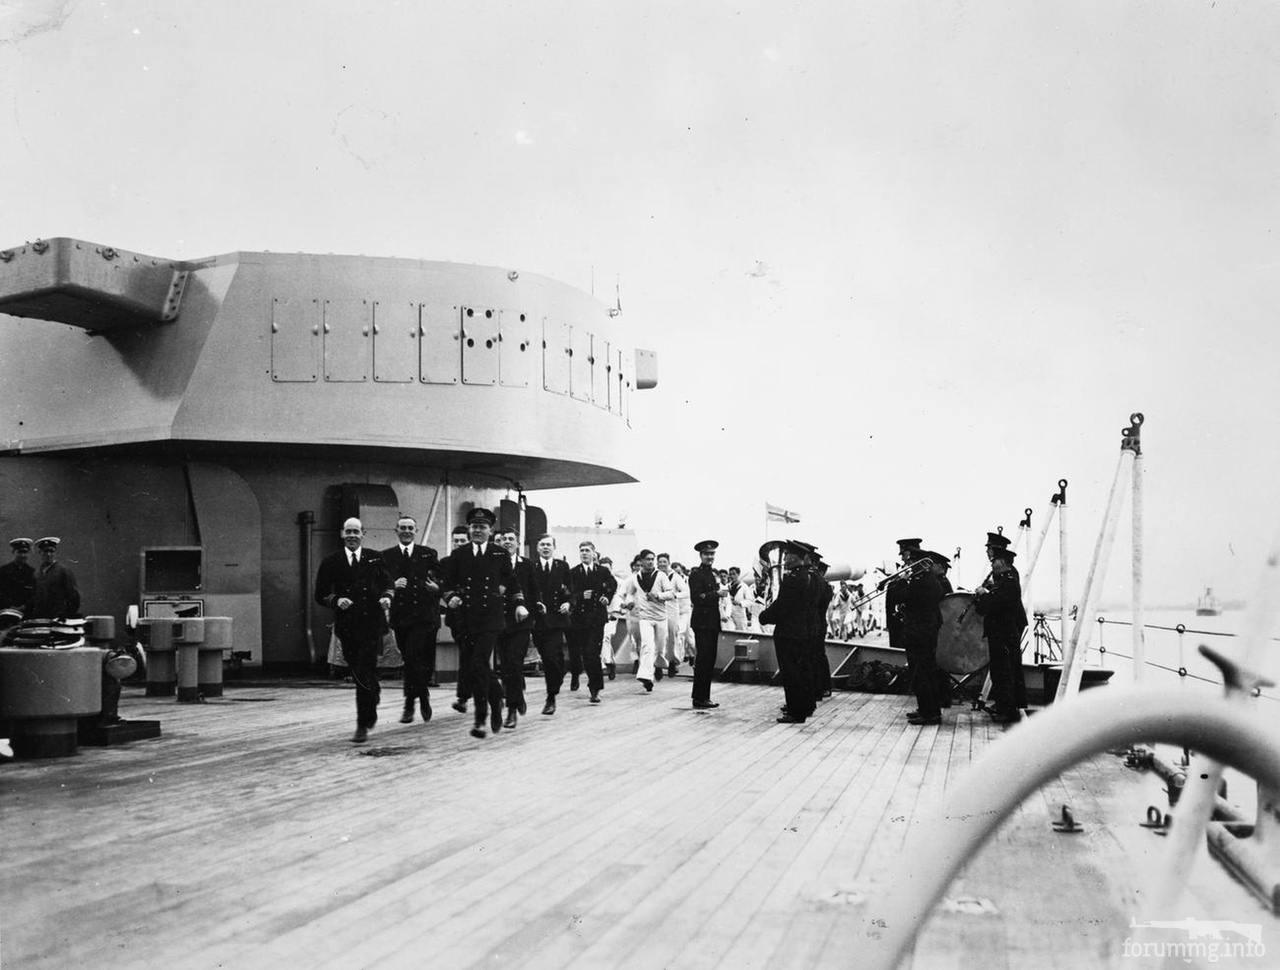 133868 - Броненосцы, дредноуты, линкоры и крейсера Британии